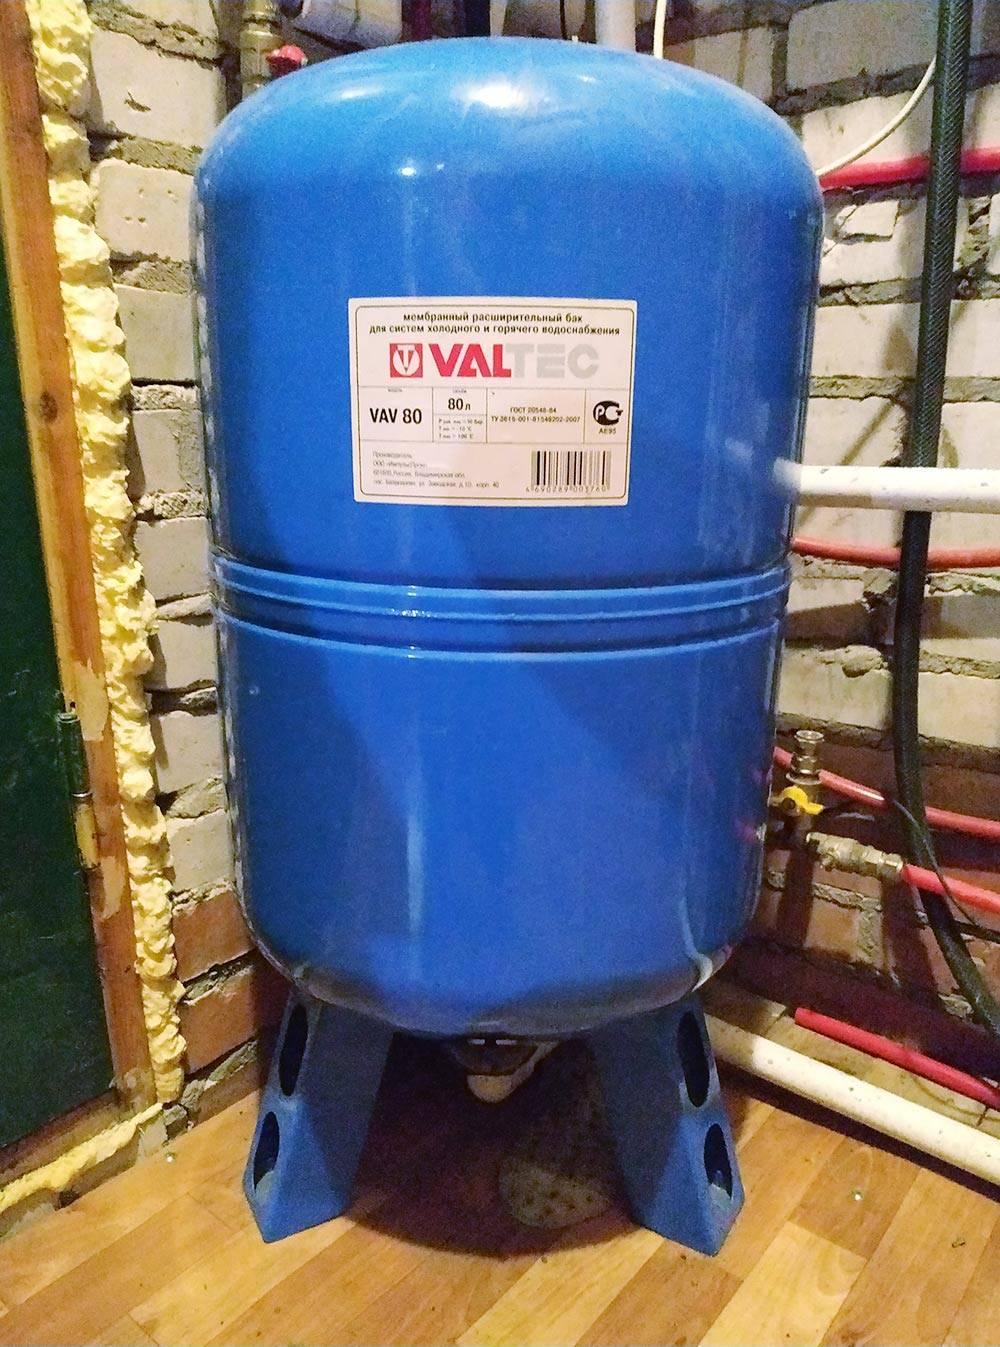 Наш расширительный бак. Объем — 70 литров, из них при выбранном нами диапазоне давлений 3,2—3,7 кг/см² вода занимает примерно 20 литров